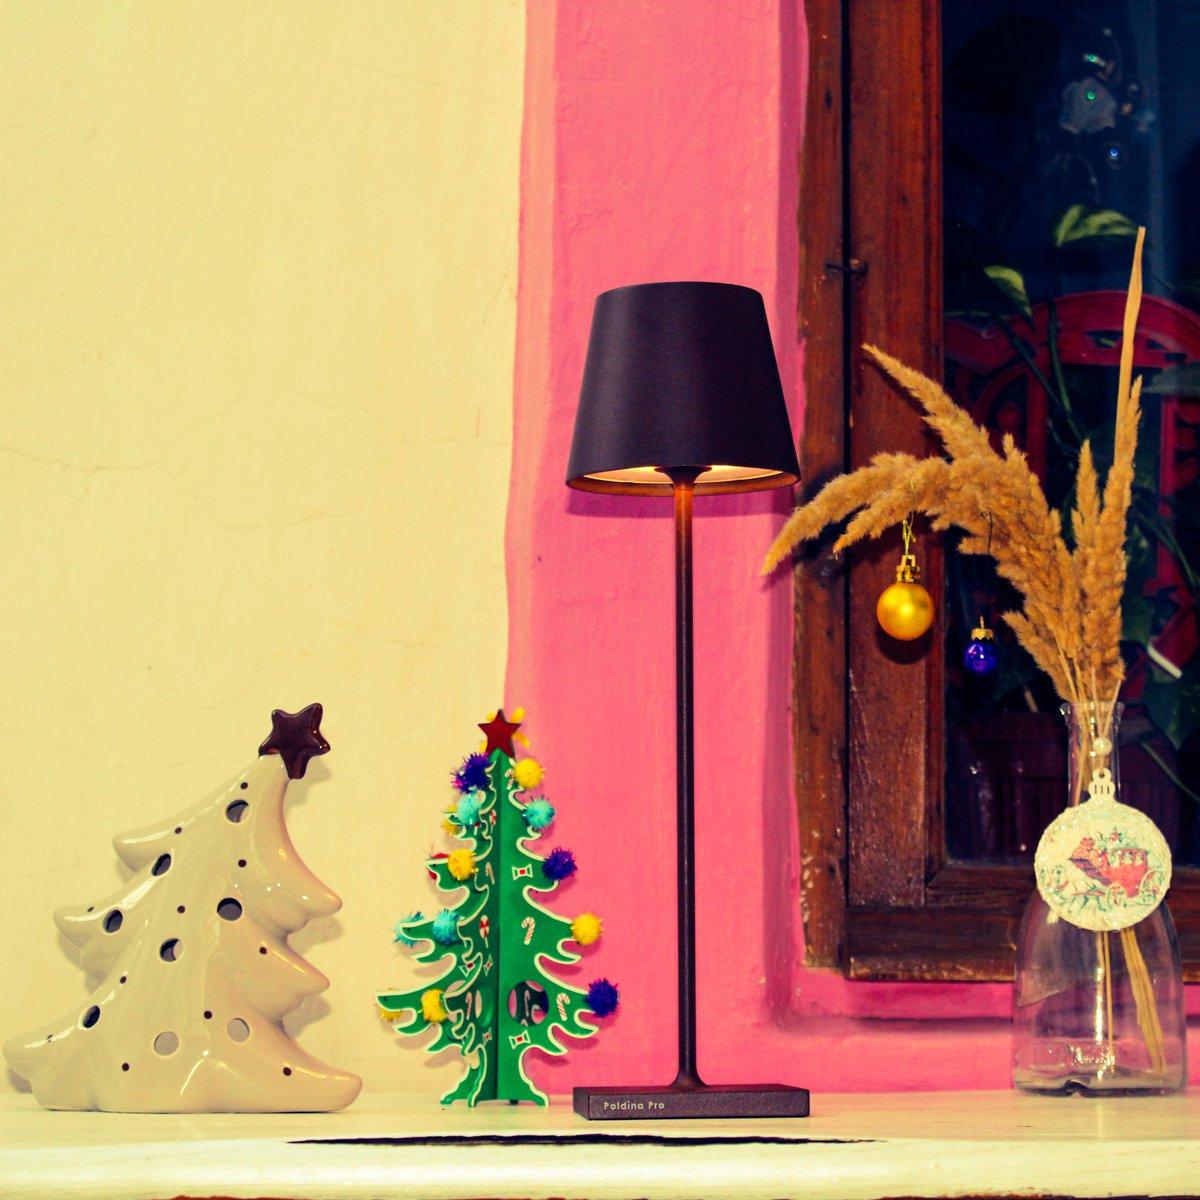 Новогоднее настроение вместе с #Poldina❄ #zafferano #дариуют #светильник  #MerryXmas #новыйгод #освещениедлядома #освещениедляресторанов